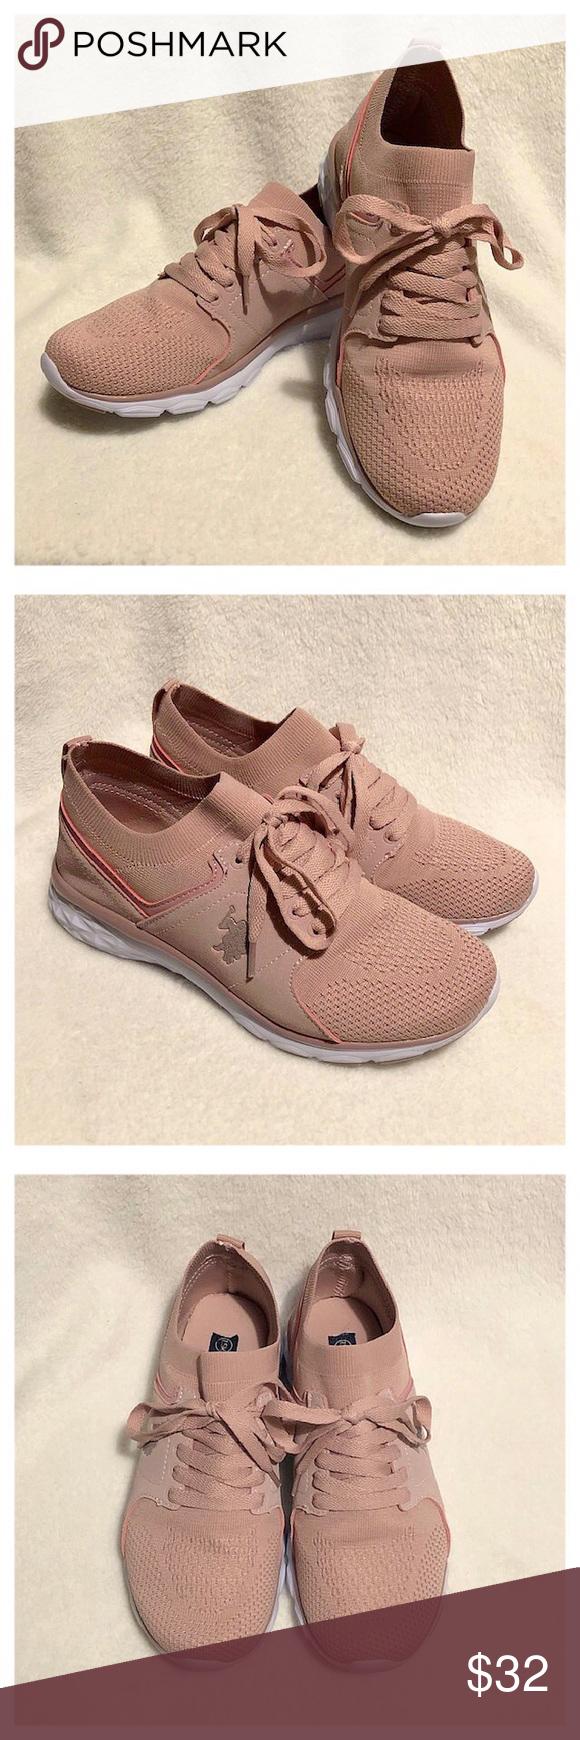 light pink polo shoes \u003e Up to 77% OFF